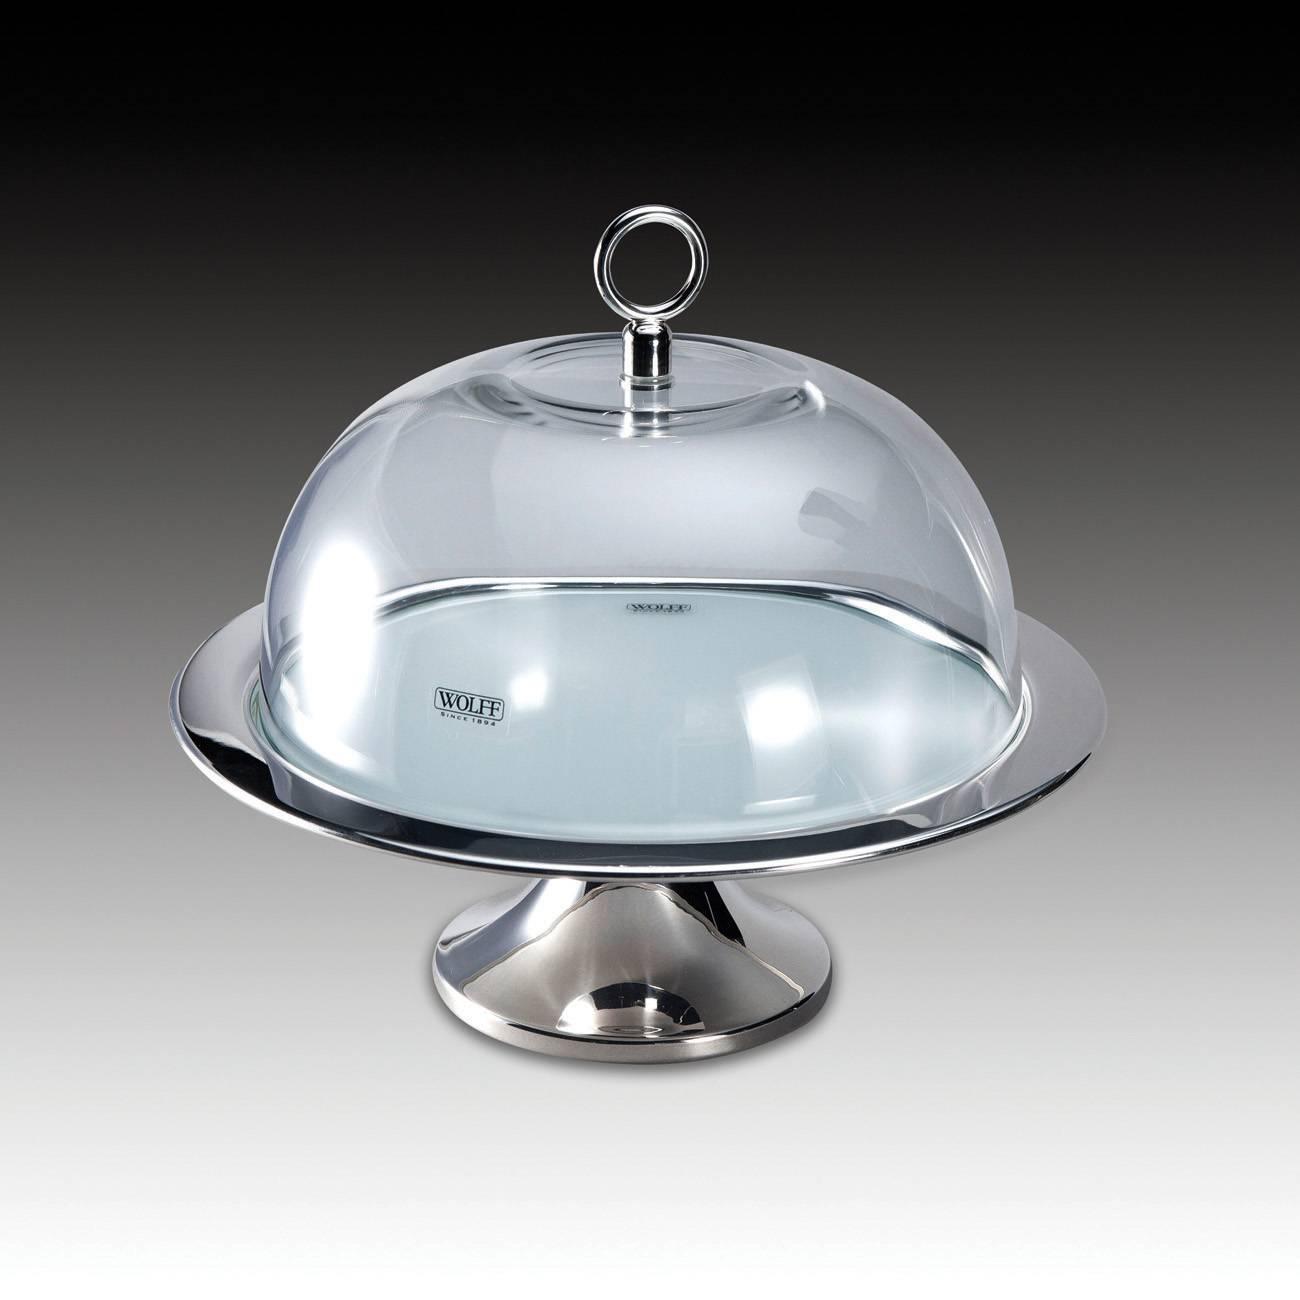 Prato para Bolo Pedestal em Prata e Vidro Branco com Tampa - Wolff - 36x26 cm